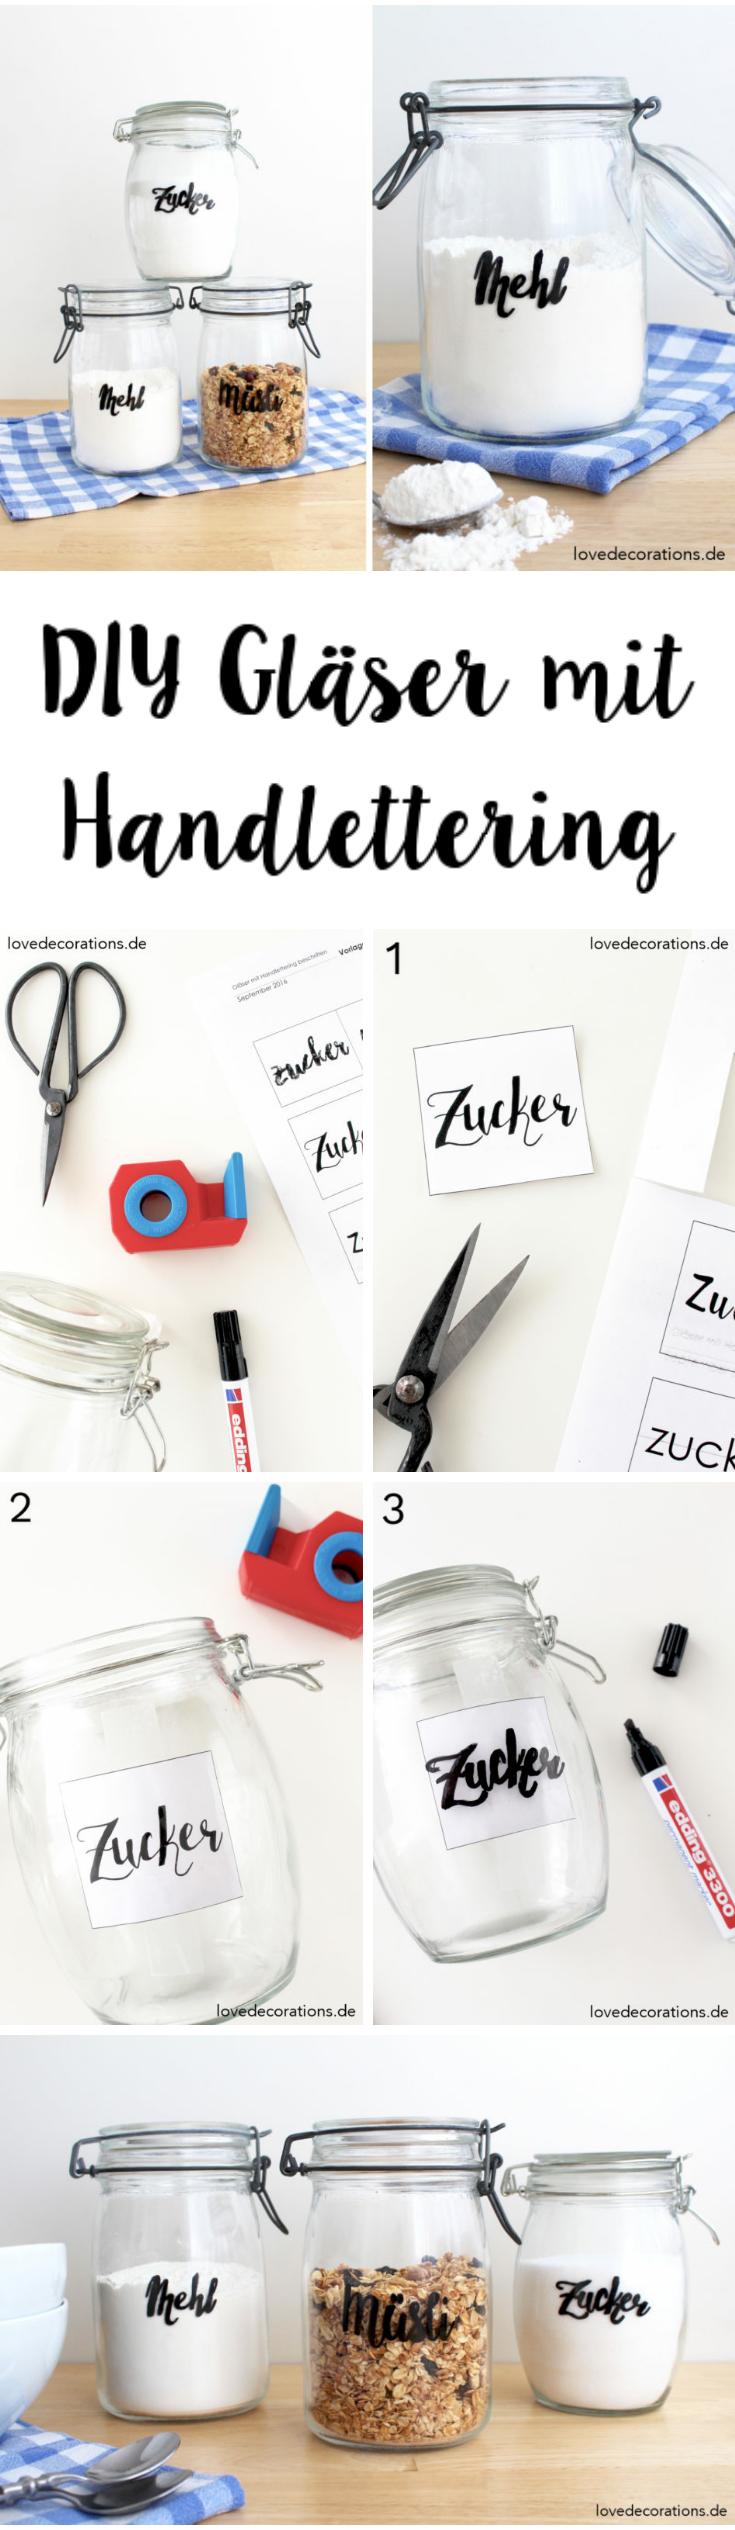 DIY Gläser mit Handlettering beschriften und ein bisschen von den Anfängen meines Bloggerlebens - Love Decorations